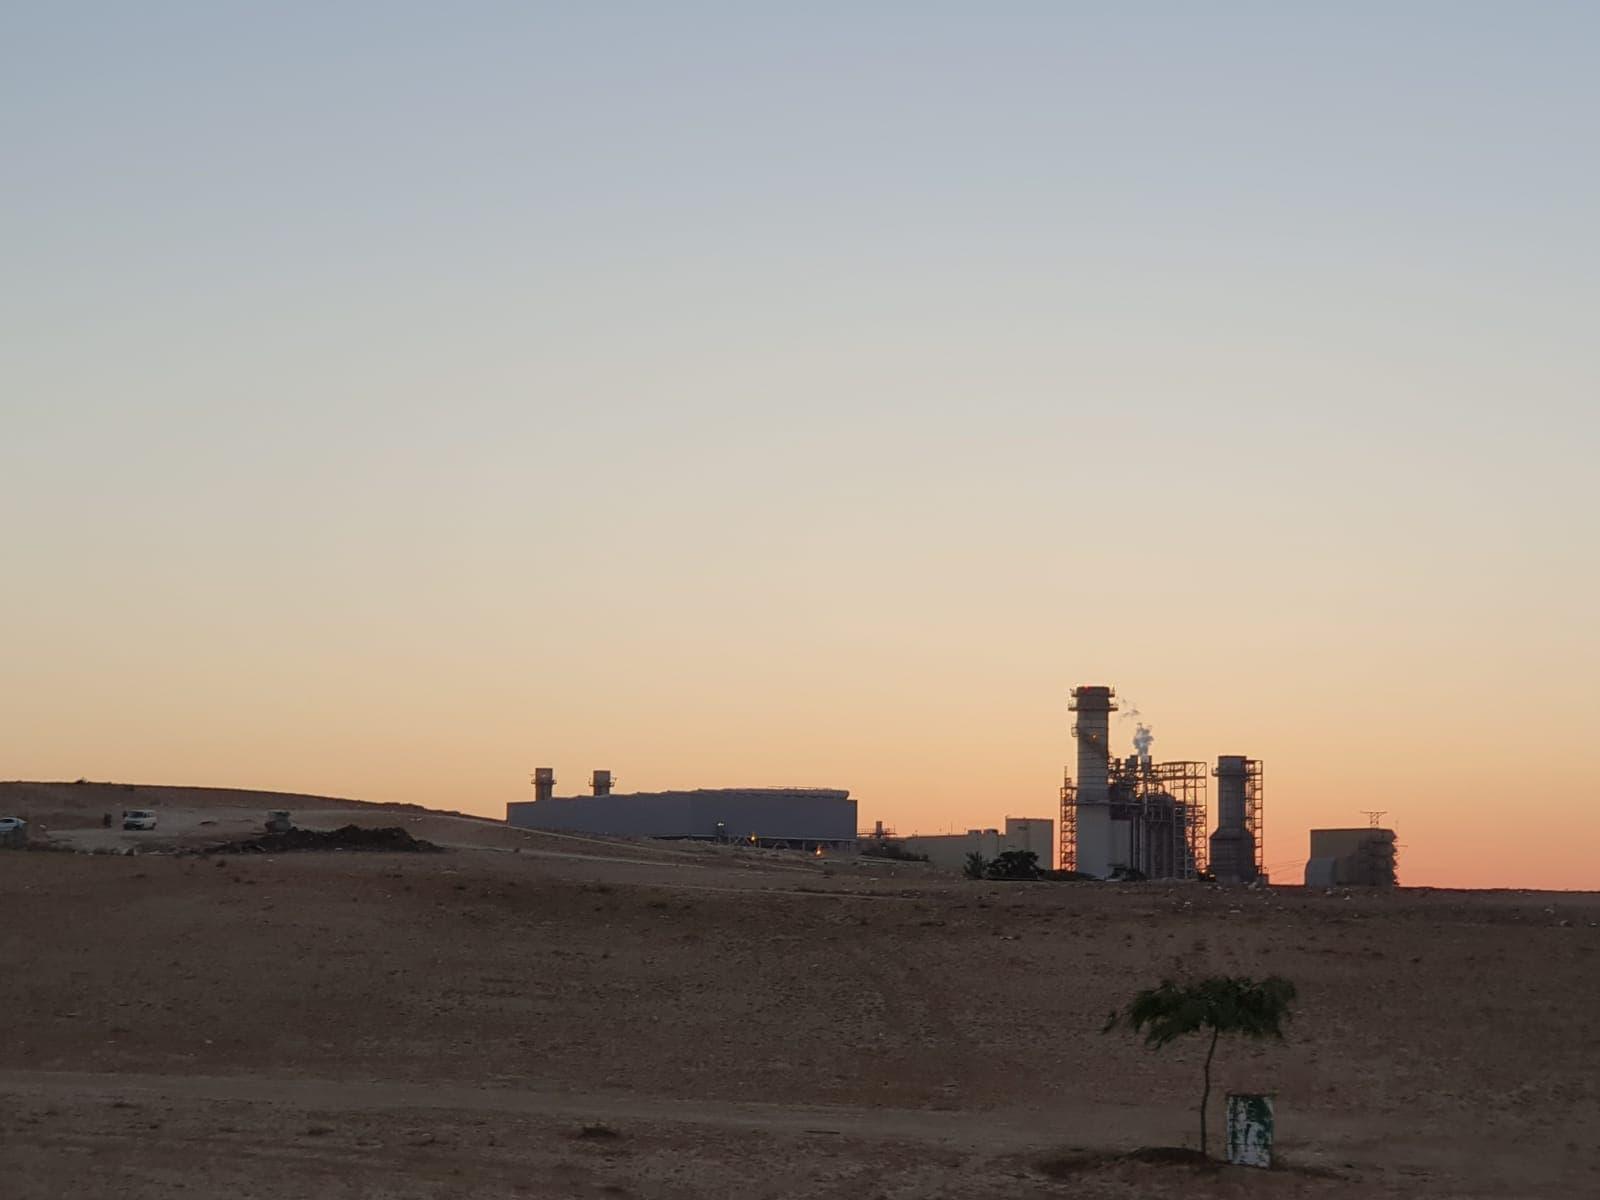 وادي النعم: اعتراف منقوص وصمود رغم انعدام الخدمات